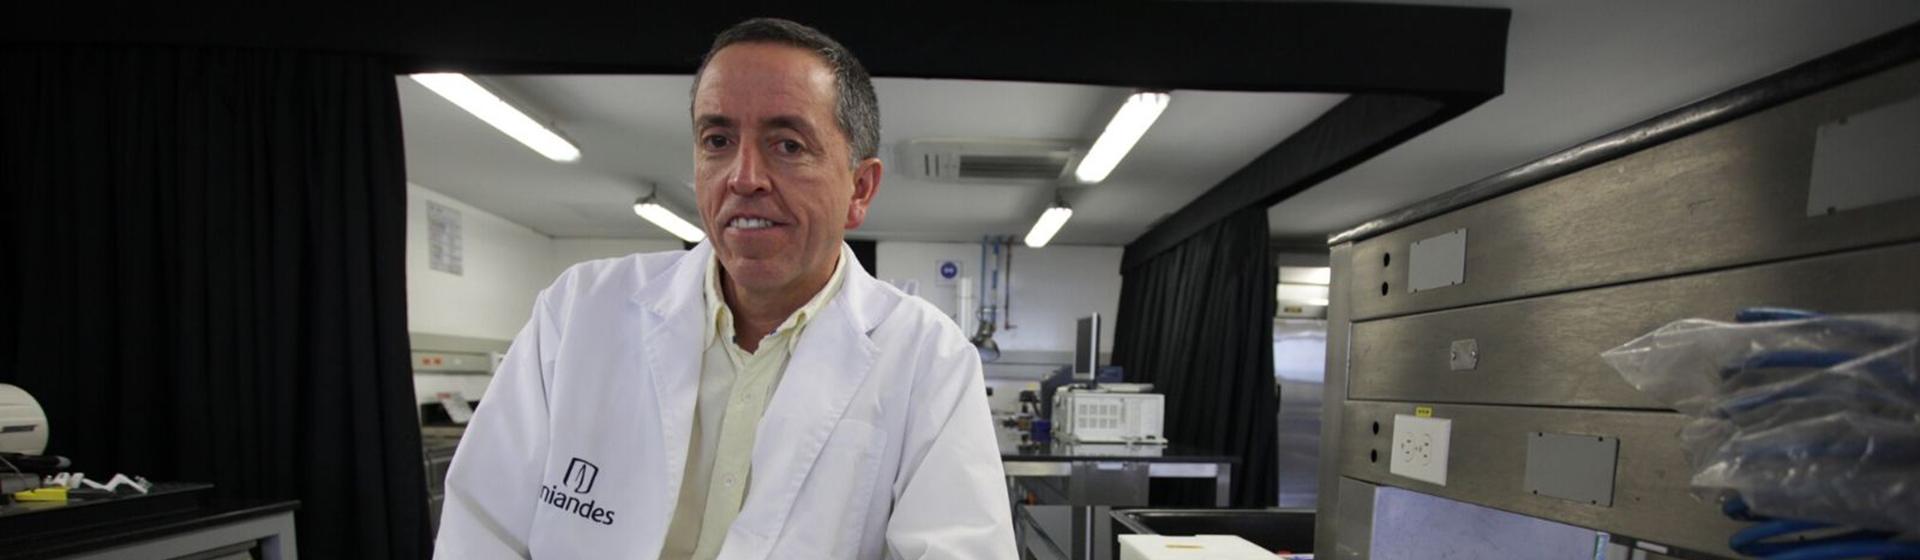 Juan Carlos Briceño, investigador y PhD en Ingeniería Biomédica